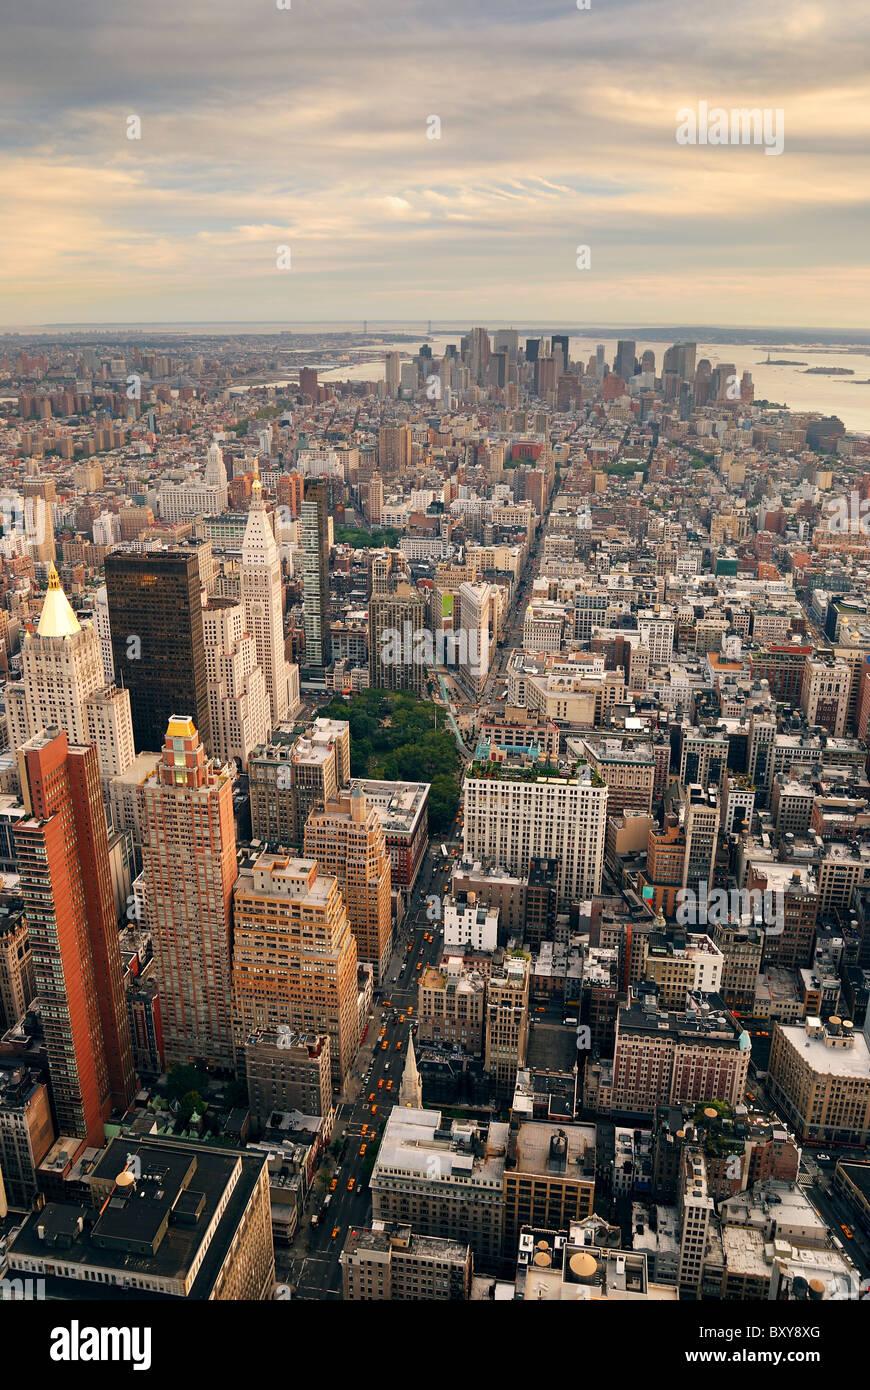 New York City Manhattan skyline tramonto vista aerea con office la costruzione di grattacieli e sul fiume Hudson. Immagini Stock